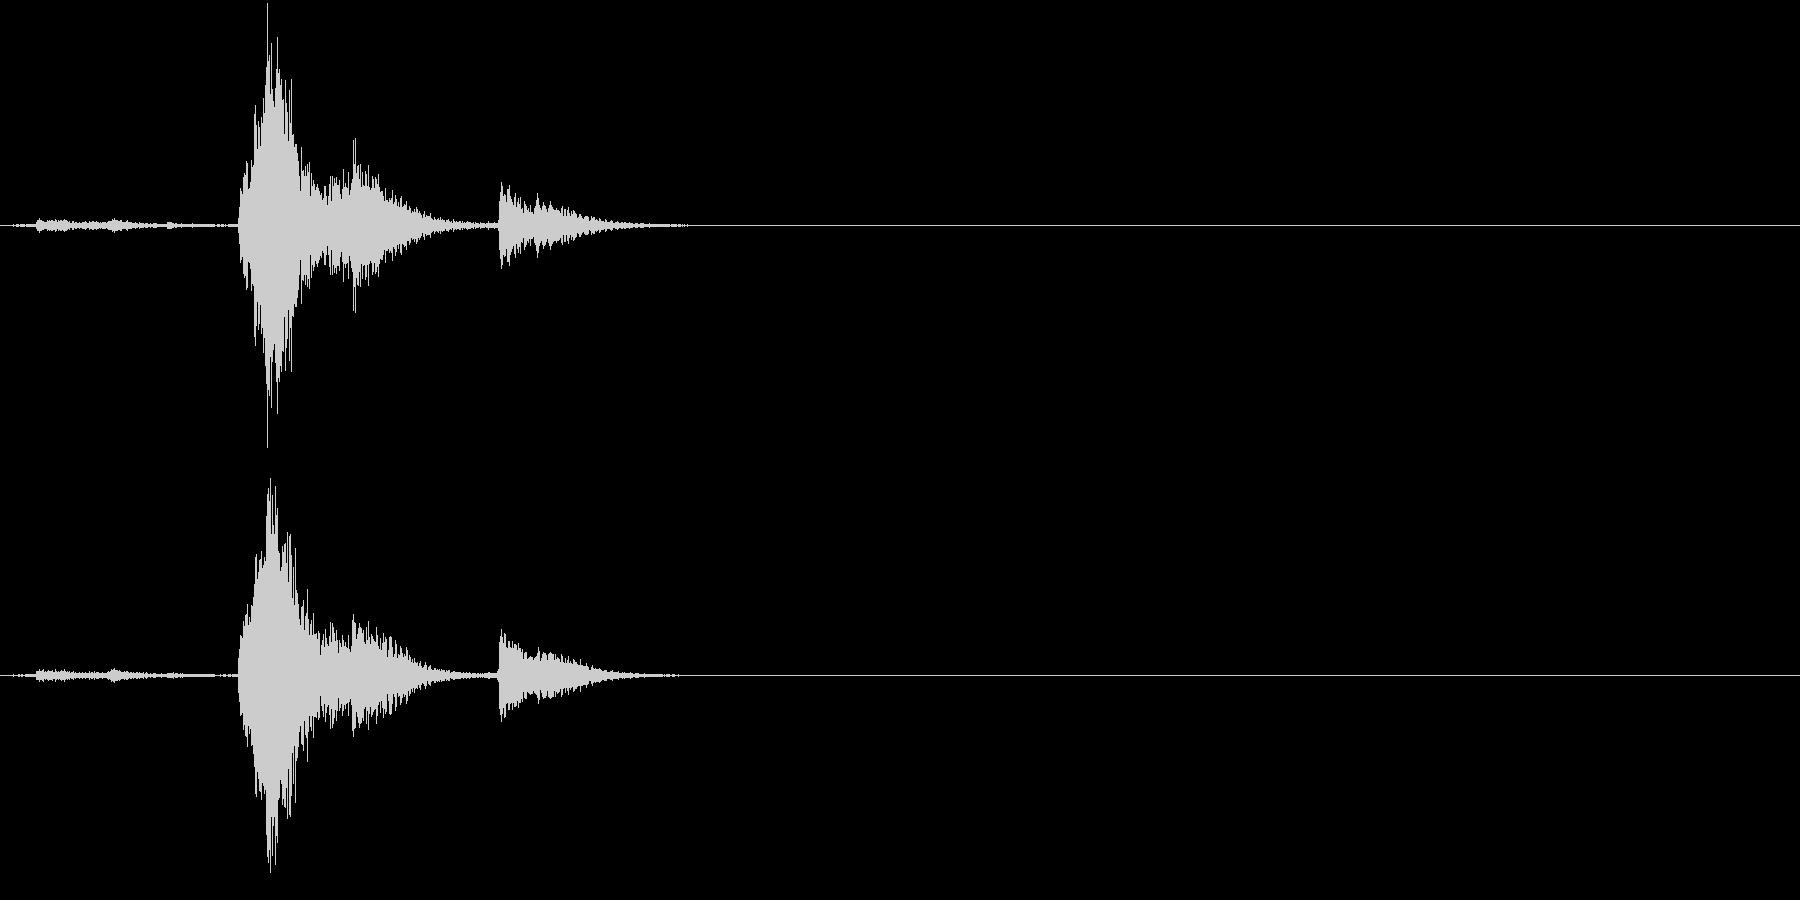 【生録音】TeaCup 食器の音 5の未再生の波形